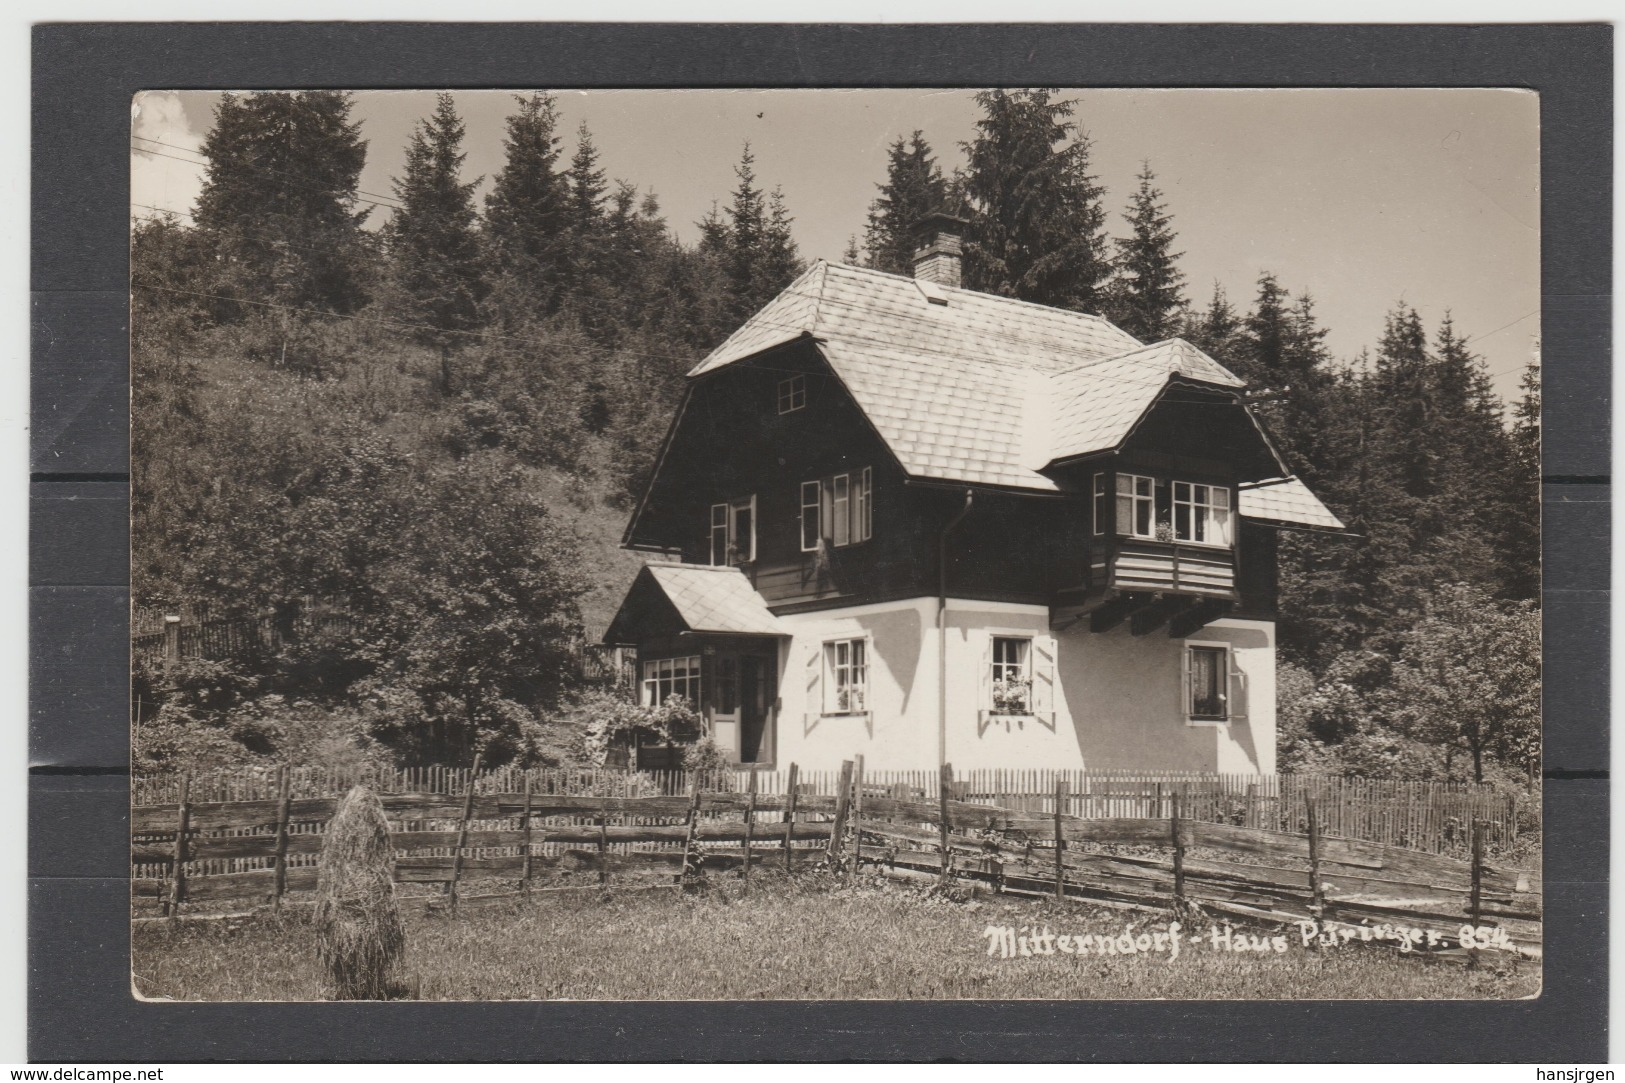 STM526 ANSICHTSKARTE MITTERNDORF Haus PÜRINGER  UNGEBAUCHT - Österreich